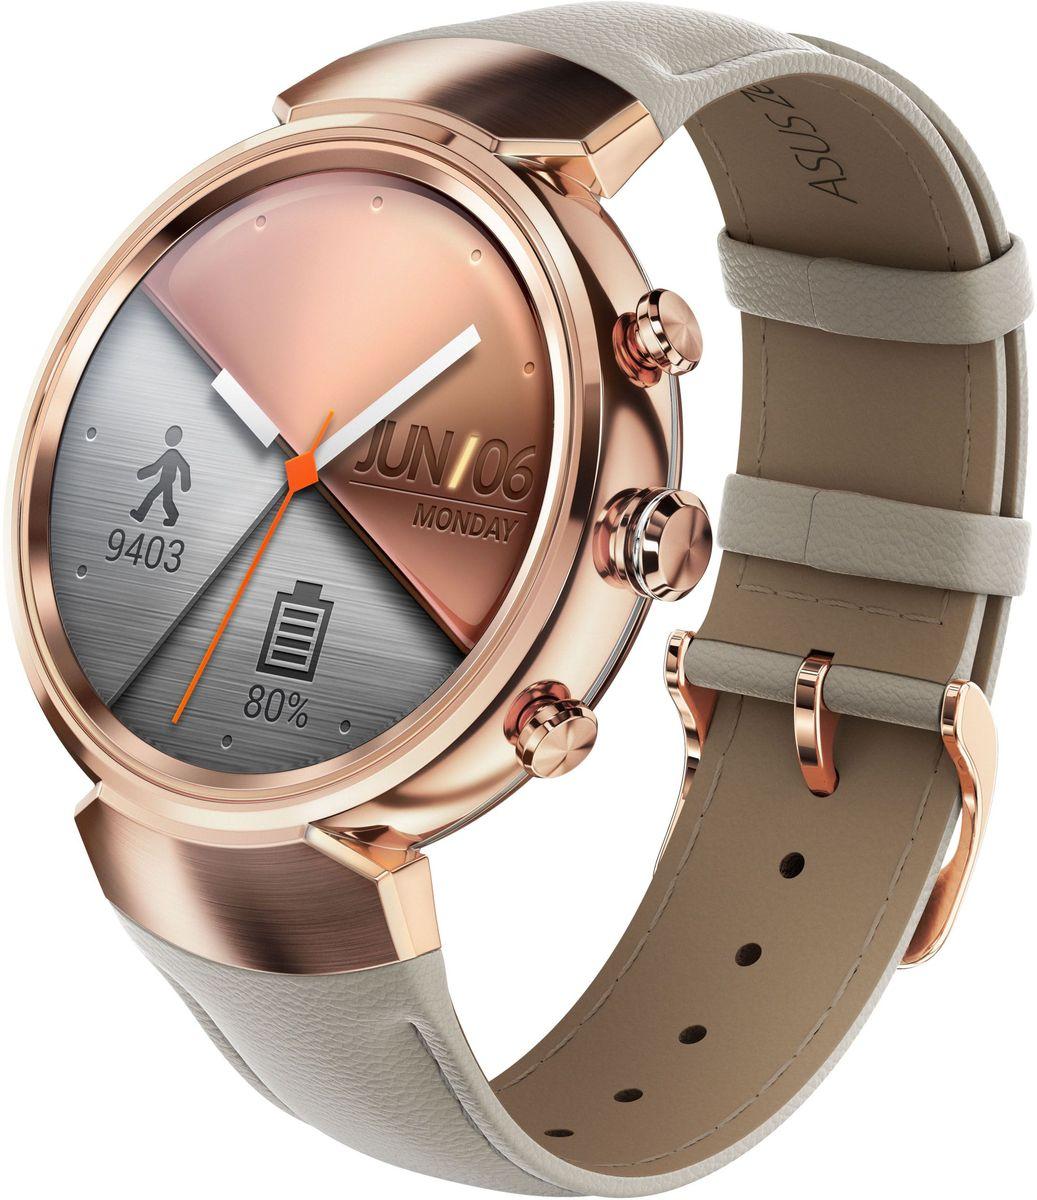 ASUS ZenWatch 3 WI503Q, Rose Gold смарт-часыWI503Q-3LBGE0005ASUS ZenWatch 3 - это современное цифровое устройство, выполненное в соответствии с давними традициями часового искусства из высококачественных материалов и с вниманием к каждой детали. Эти часы умеют делать гораздо больше, чем просто показывать время, а благодаря широким возможностям по персонализации их интерфейса вы легко можете настроить их по своему вкусу. Длительное время автономной работы и технология быстрой подзарядки аккумулятора делают ASUS ZenWatch 3 по-настоящему мобильным устройством, которое всегда будет готово к работе.Своим внешним видом ASUS ZenWatch 3 ближе к традиционным часам, чем к современным цифровым гаджетам. Их стильный дизайн вдохновлен образом солнечного затмения, а широчайшая функциональность реализована с безупречным мастерством.Корпус часов ZenWatch 3 изготовлен из ювелирной нержавеющей стали марки 316L, которая наделяет их не только превосходным внешним видом, но и долговечностью, ведь ее прочность на 82% выше по сравнению с обычной сталью. Высокий статус устройства подчеркивает тонкая отделка оправы.В облике нового устройства ASUS можно отметить необычные для умных часов элементы, а именно три боковых кнопки. Верхняя кнопка является программируемой. Она предоставляет доступ к любимому приложению или функции. Средняя кнопка переключает часы в различные режимы работы, а нижняя моментально активирует специальный энергосберегающий режим.Ремешок часов ZenWatch 3 изготавливается из натуральной кожи, обработанной по традиционной итальянской технологии. Он придает устройству великолепный внешний вид и обеспечивает максимальный комфорт при ношении.Три визуальных темы и более 50 эксклюзивных вариантов циферблата, с которыми поставляются часы ZenWatch 3, позволяют легко настроить их внешний вид по своему вкусу.Часы ZenWatch 3 помогают структурировать различную информацию - сообщения от друзей, напоминания о запланированных встречах, прогноз погоды и многое другое - и выдают ее в нужный